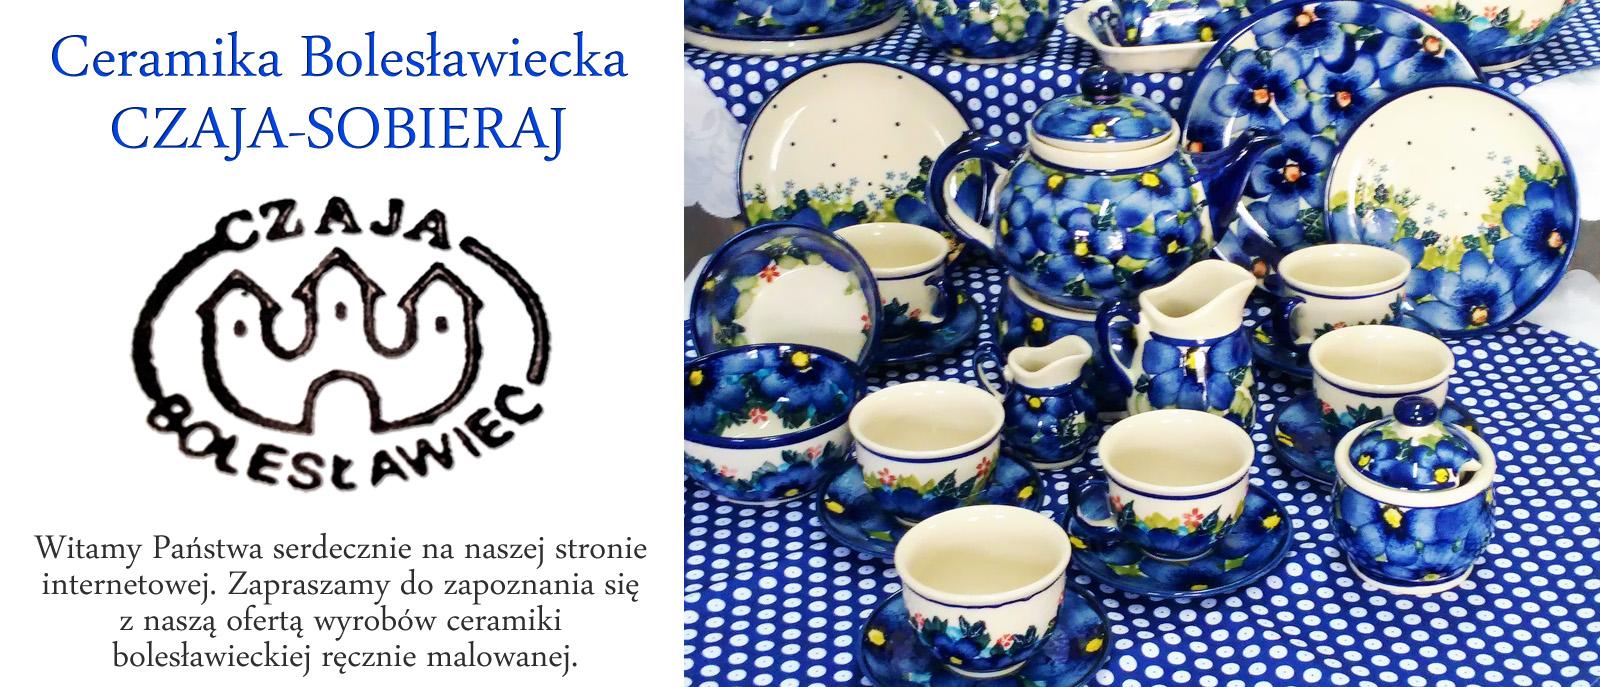 Ceramika bolesławiecka CZAJA-SOBIERAJ